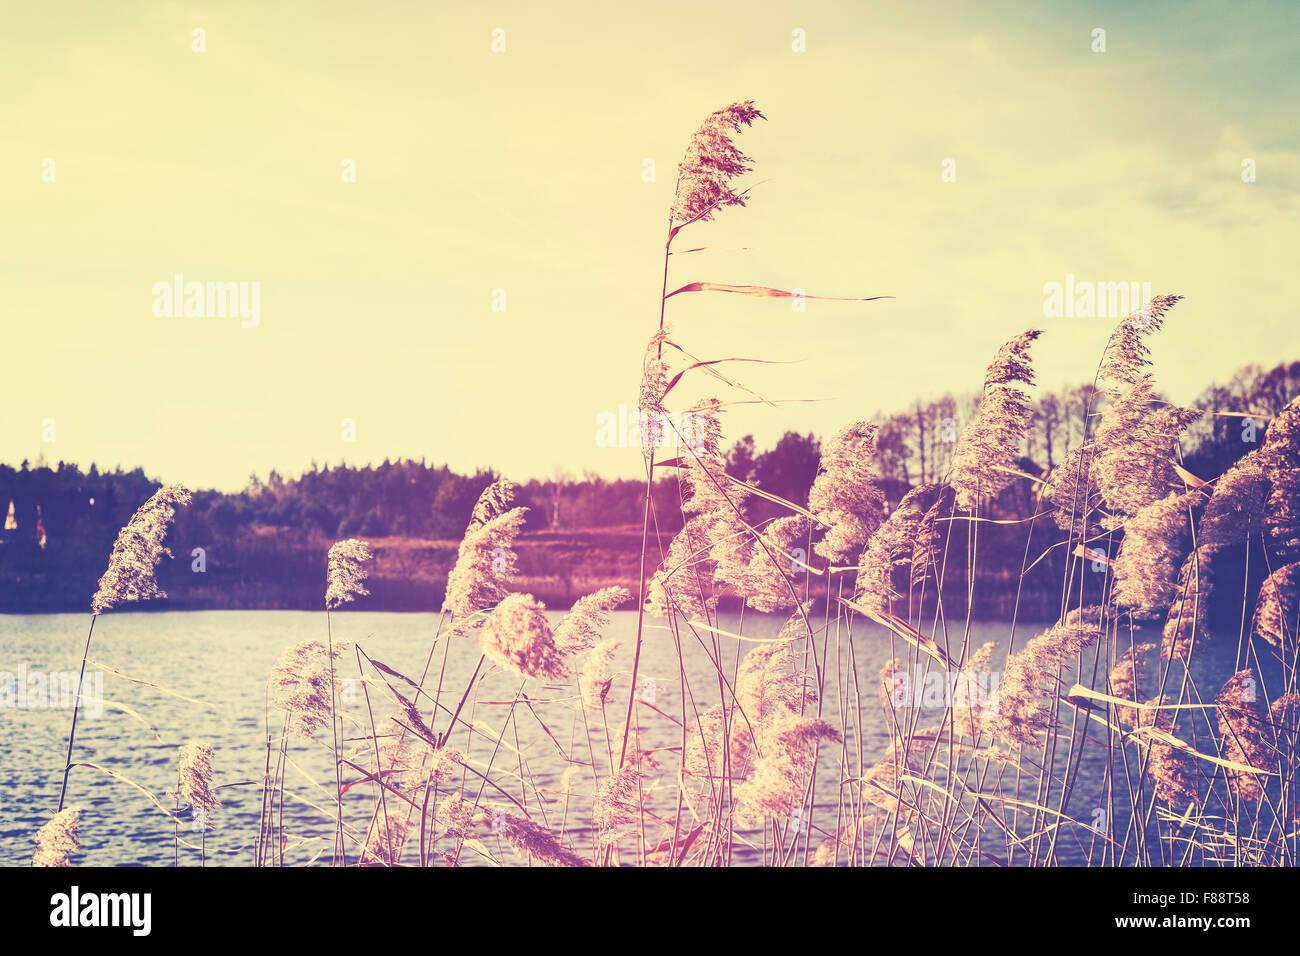 Tonos Vintage cañas a orillas de un lago, la naturaleza del fondo con poca profundidad de campo. Imagen De Stock